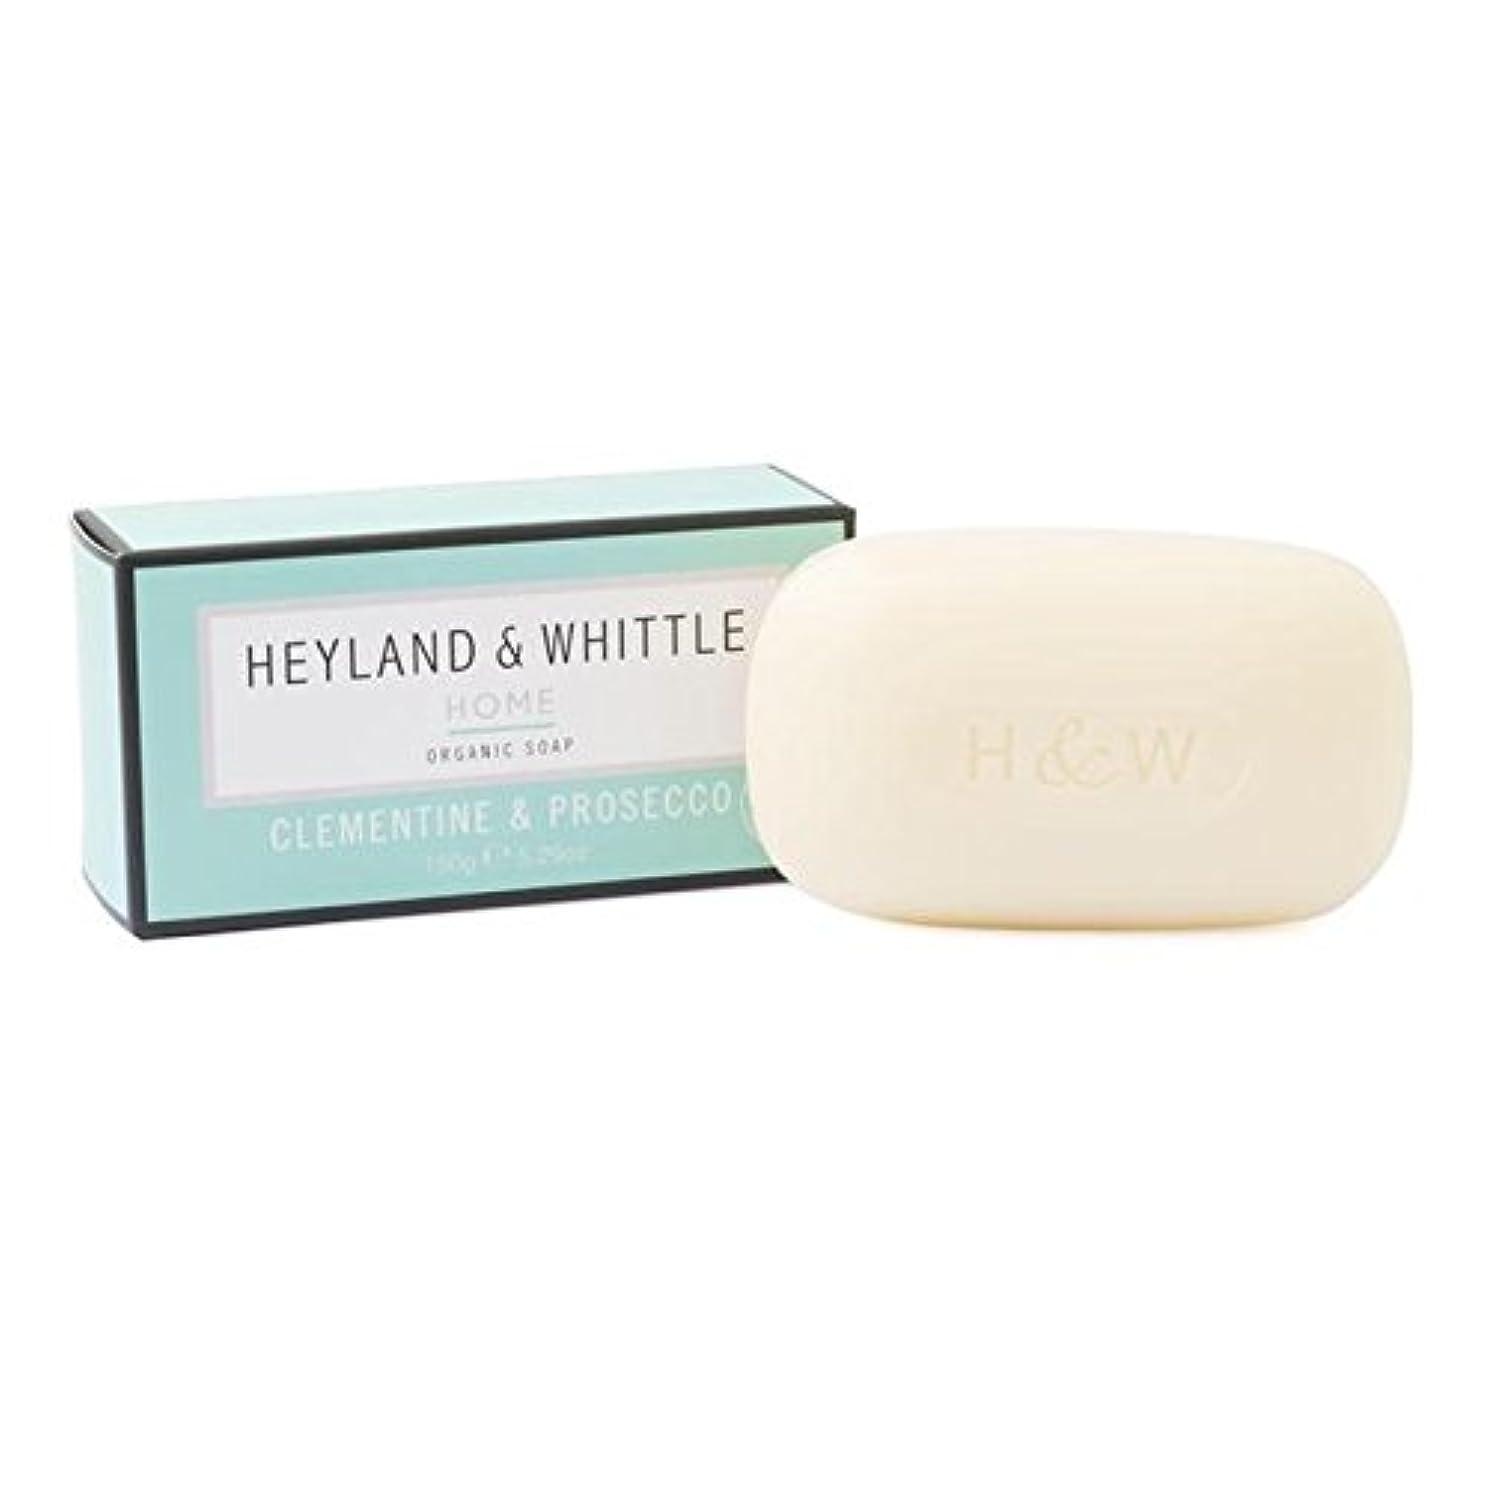 金銭的な写真撮影チェリー&削るホームクレメンタイン&プロセッコ有機石鹸150グラム x2 - Heyland & Whittle Home Clementine & Prosecco Organic Soap 150g (Pack of 2)...